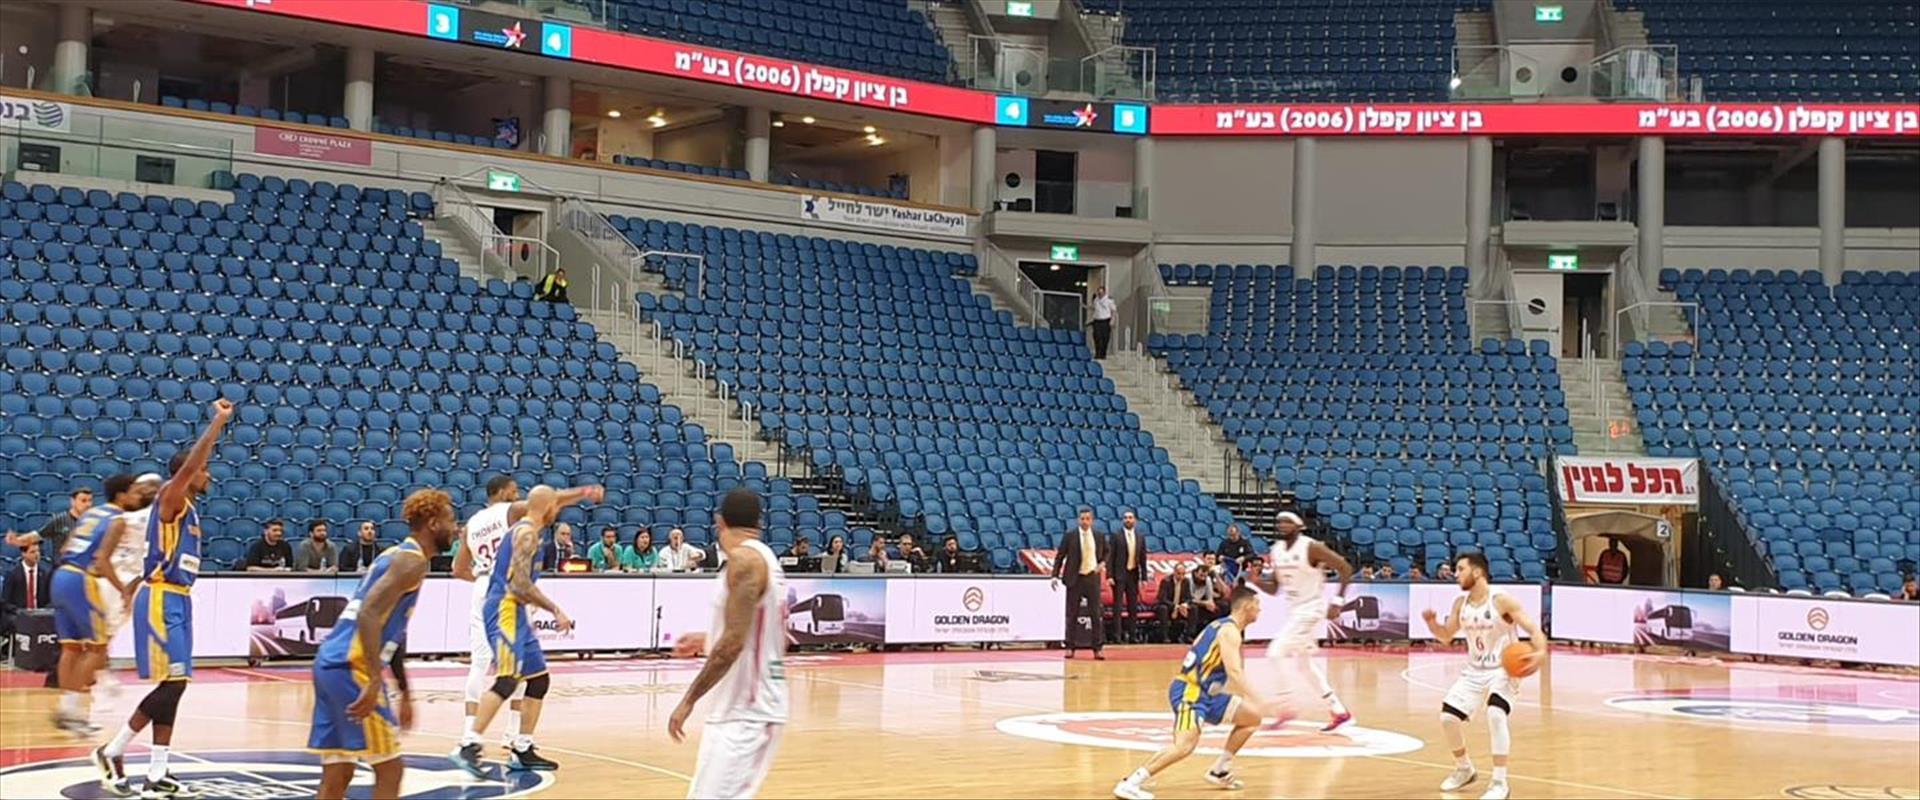 משחק של הפועל ירושלים בכדורסל ללא קהל בארנה בירושל